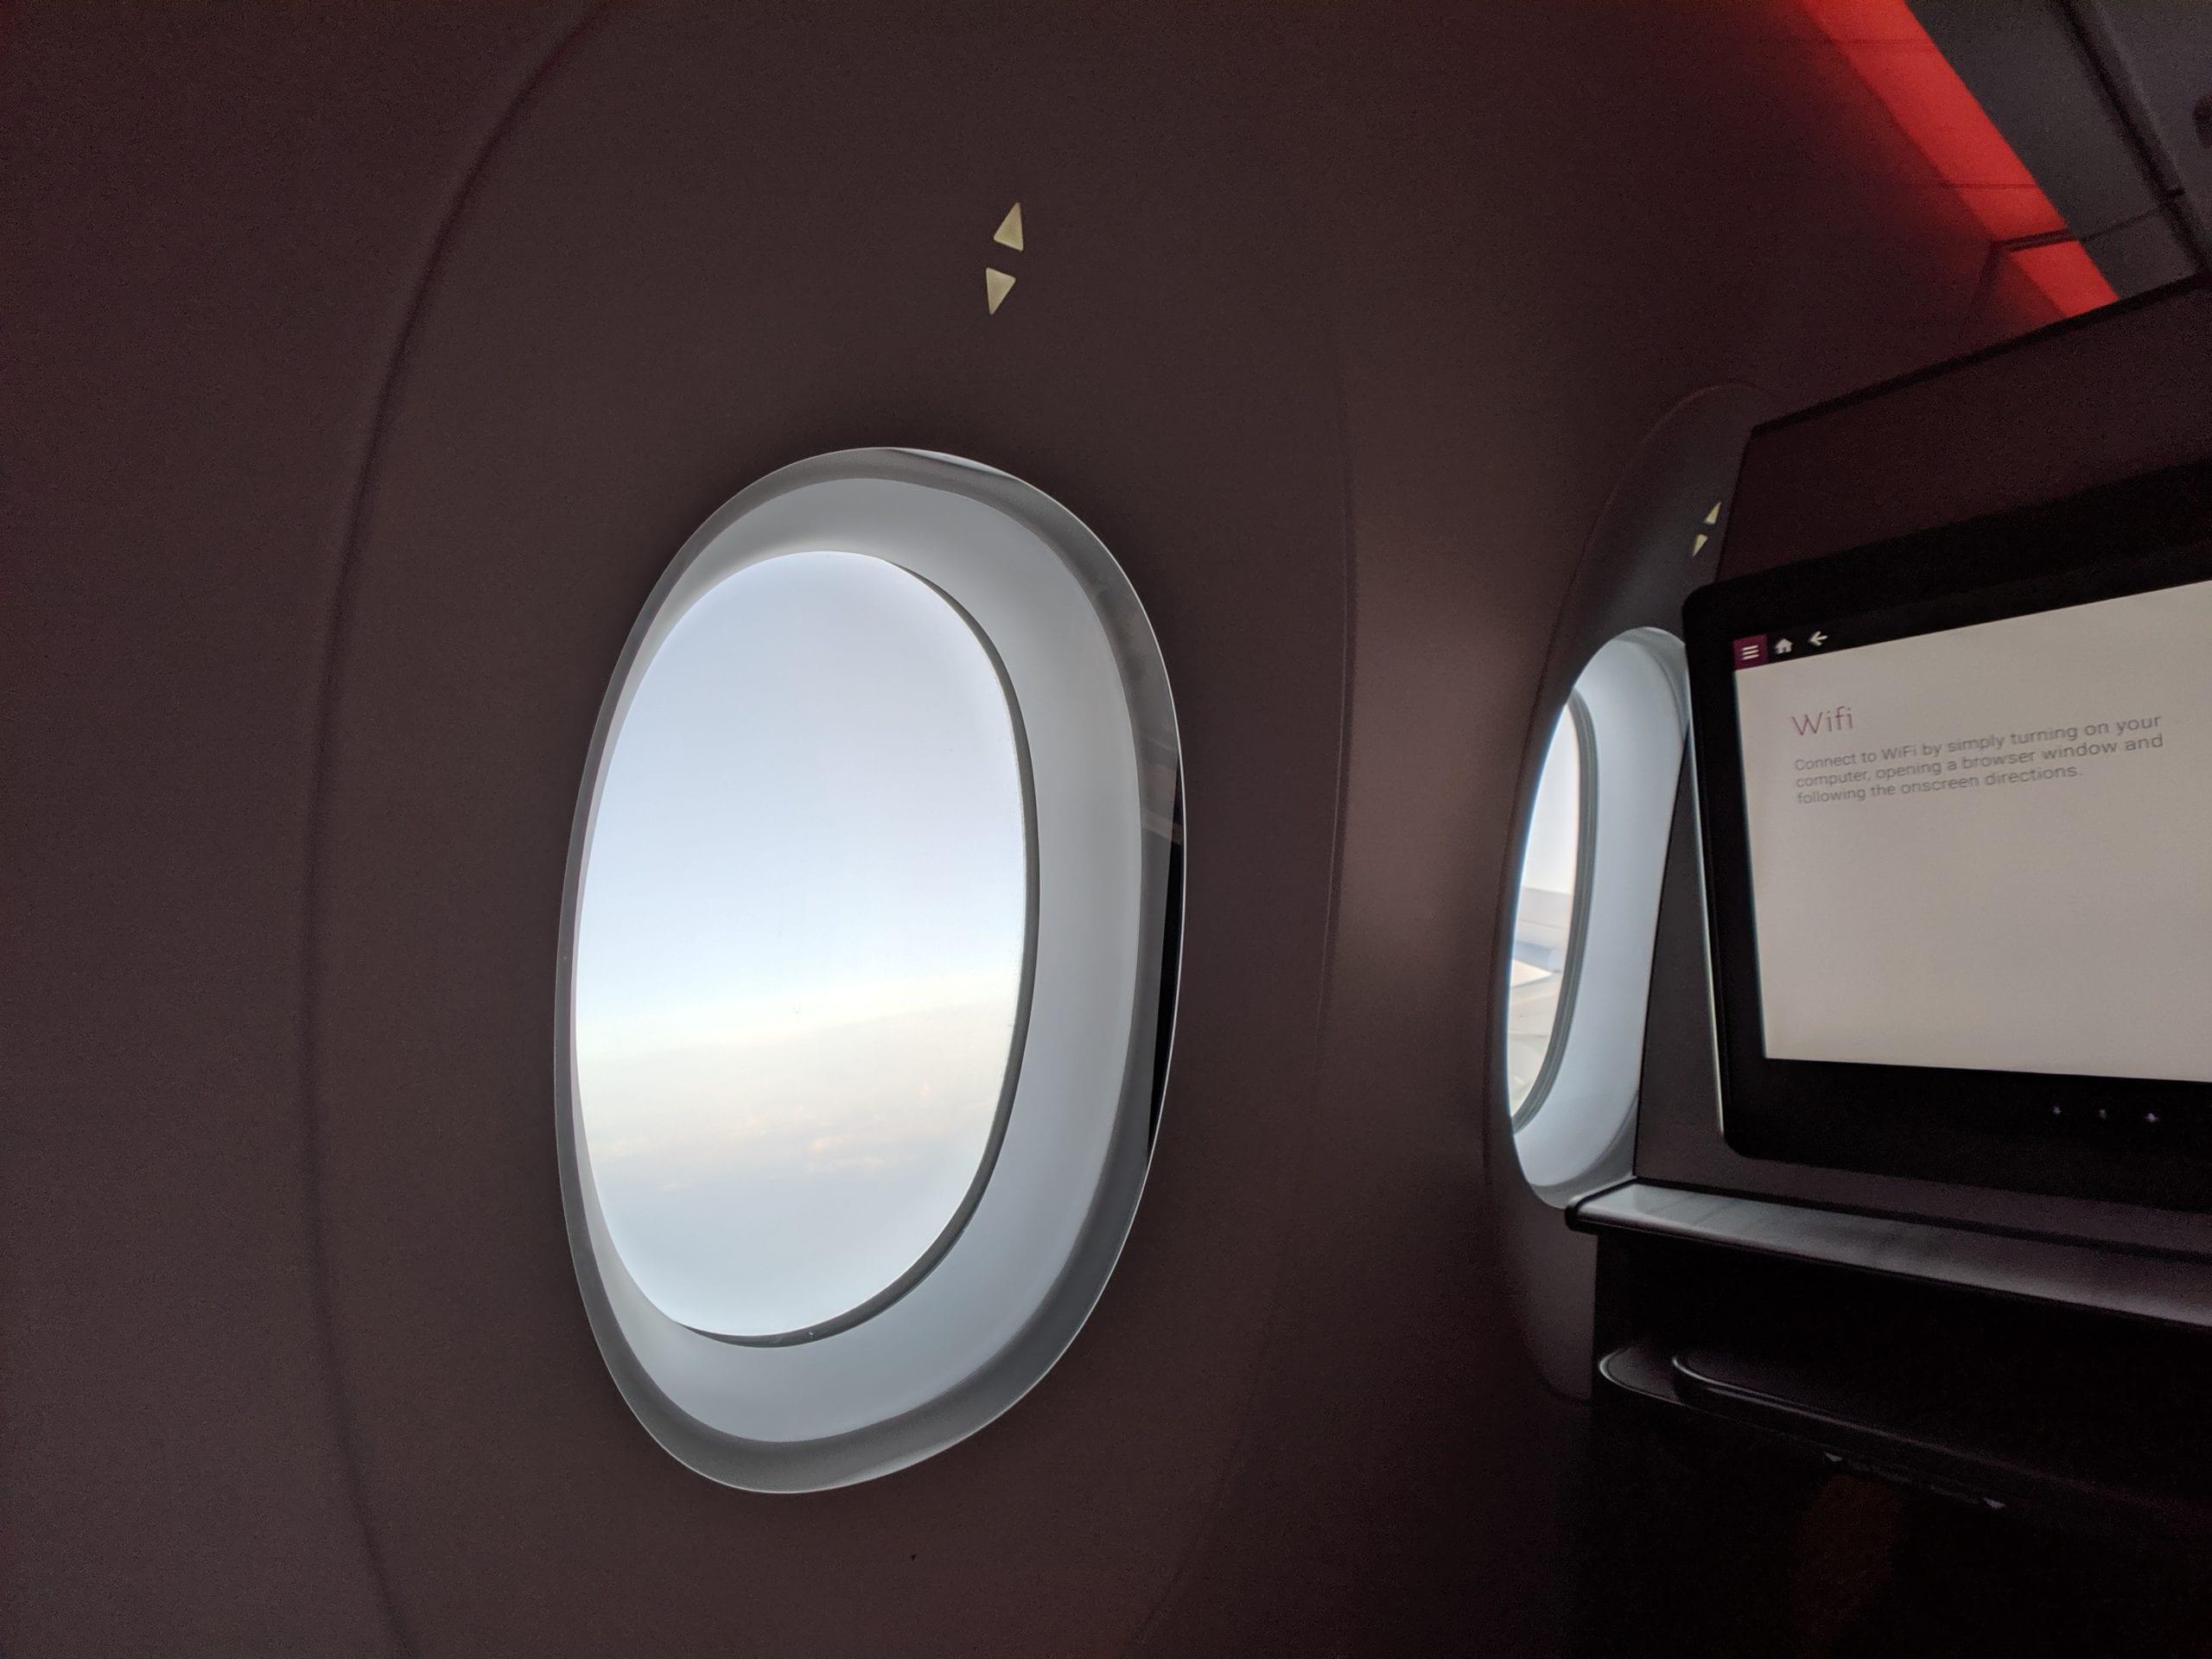 qatar airways qsuite windows